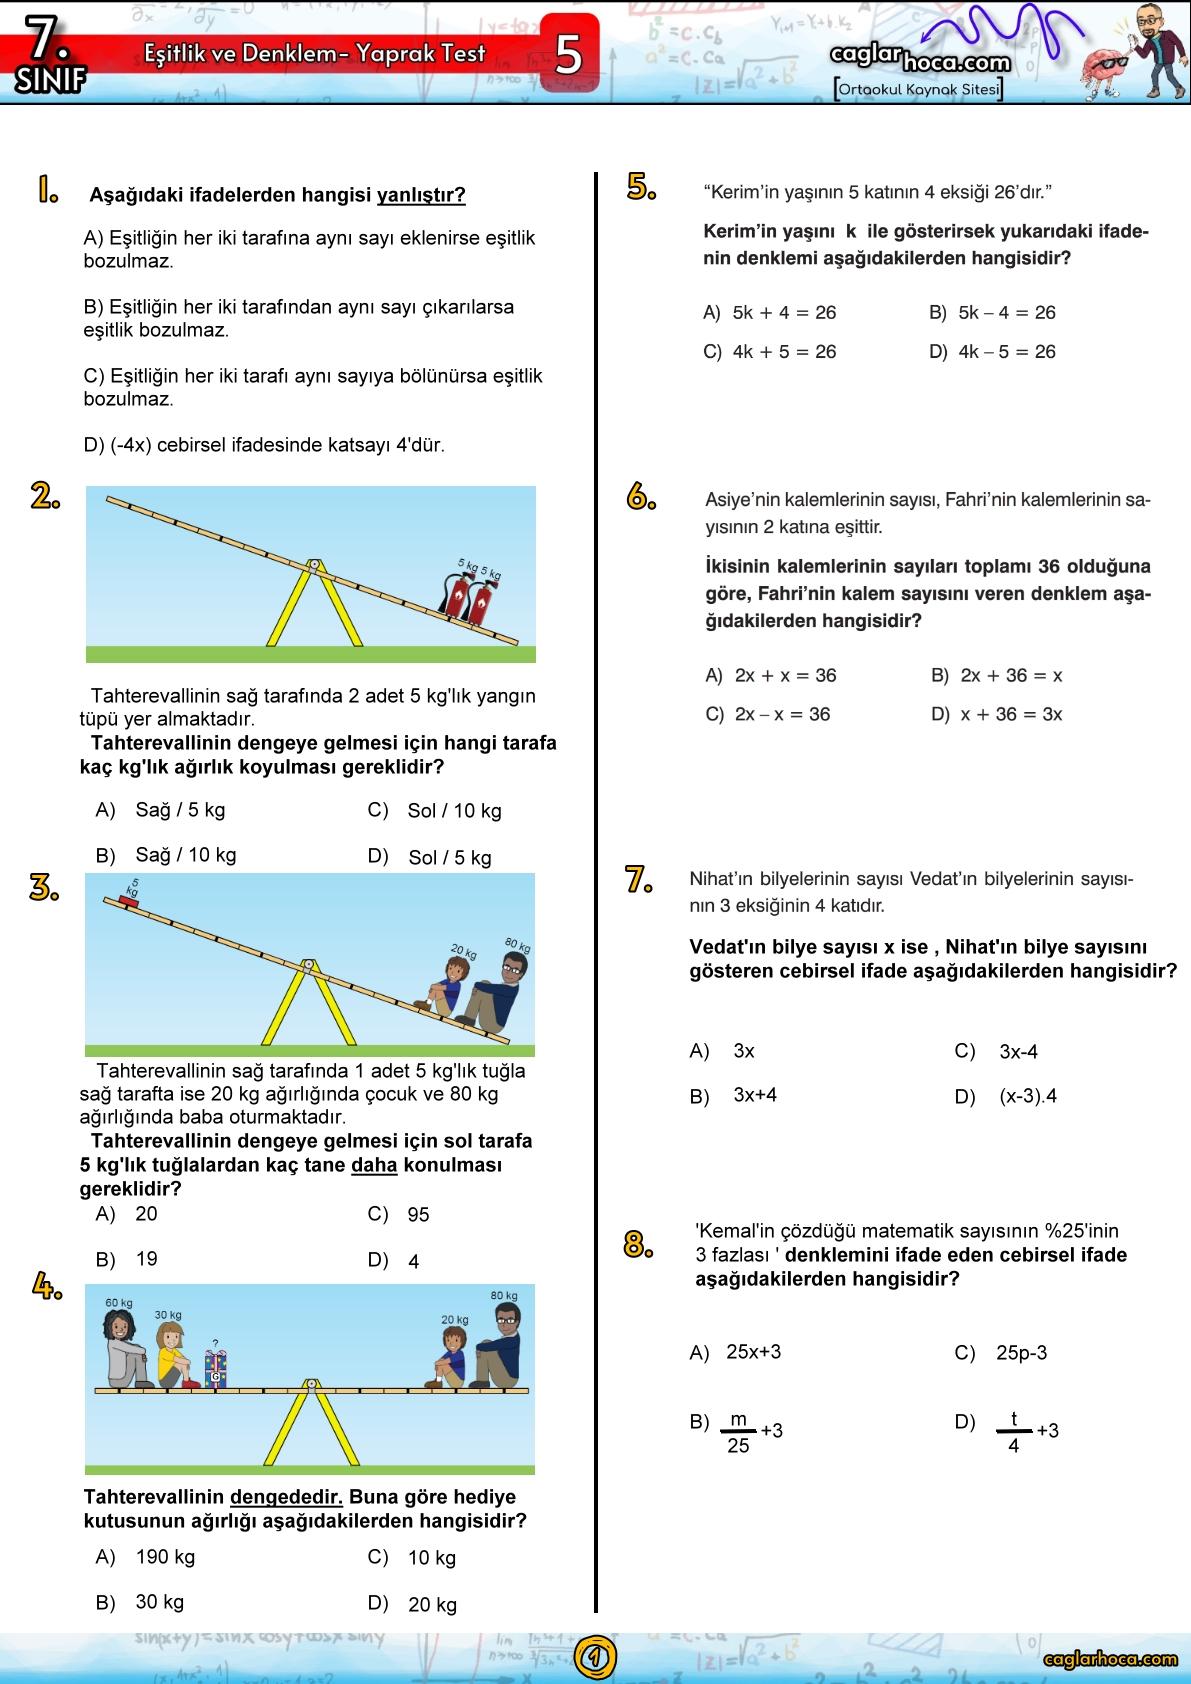 7.sınıf 5.Ünite Eşitlik ve Denklem Yaprak Test